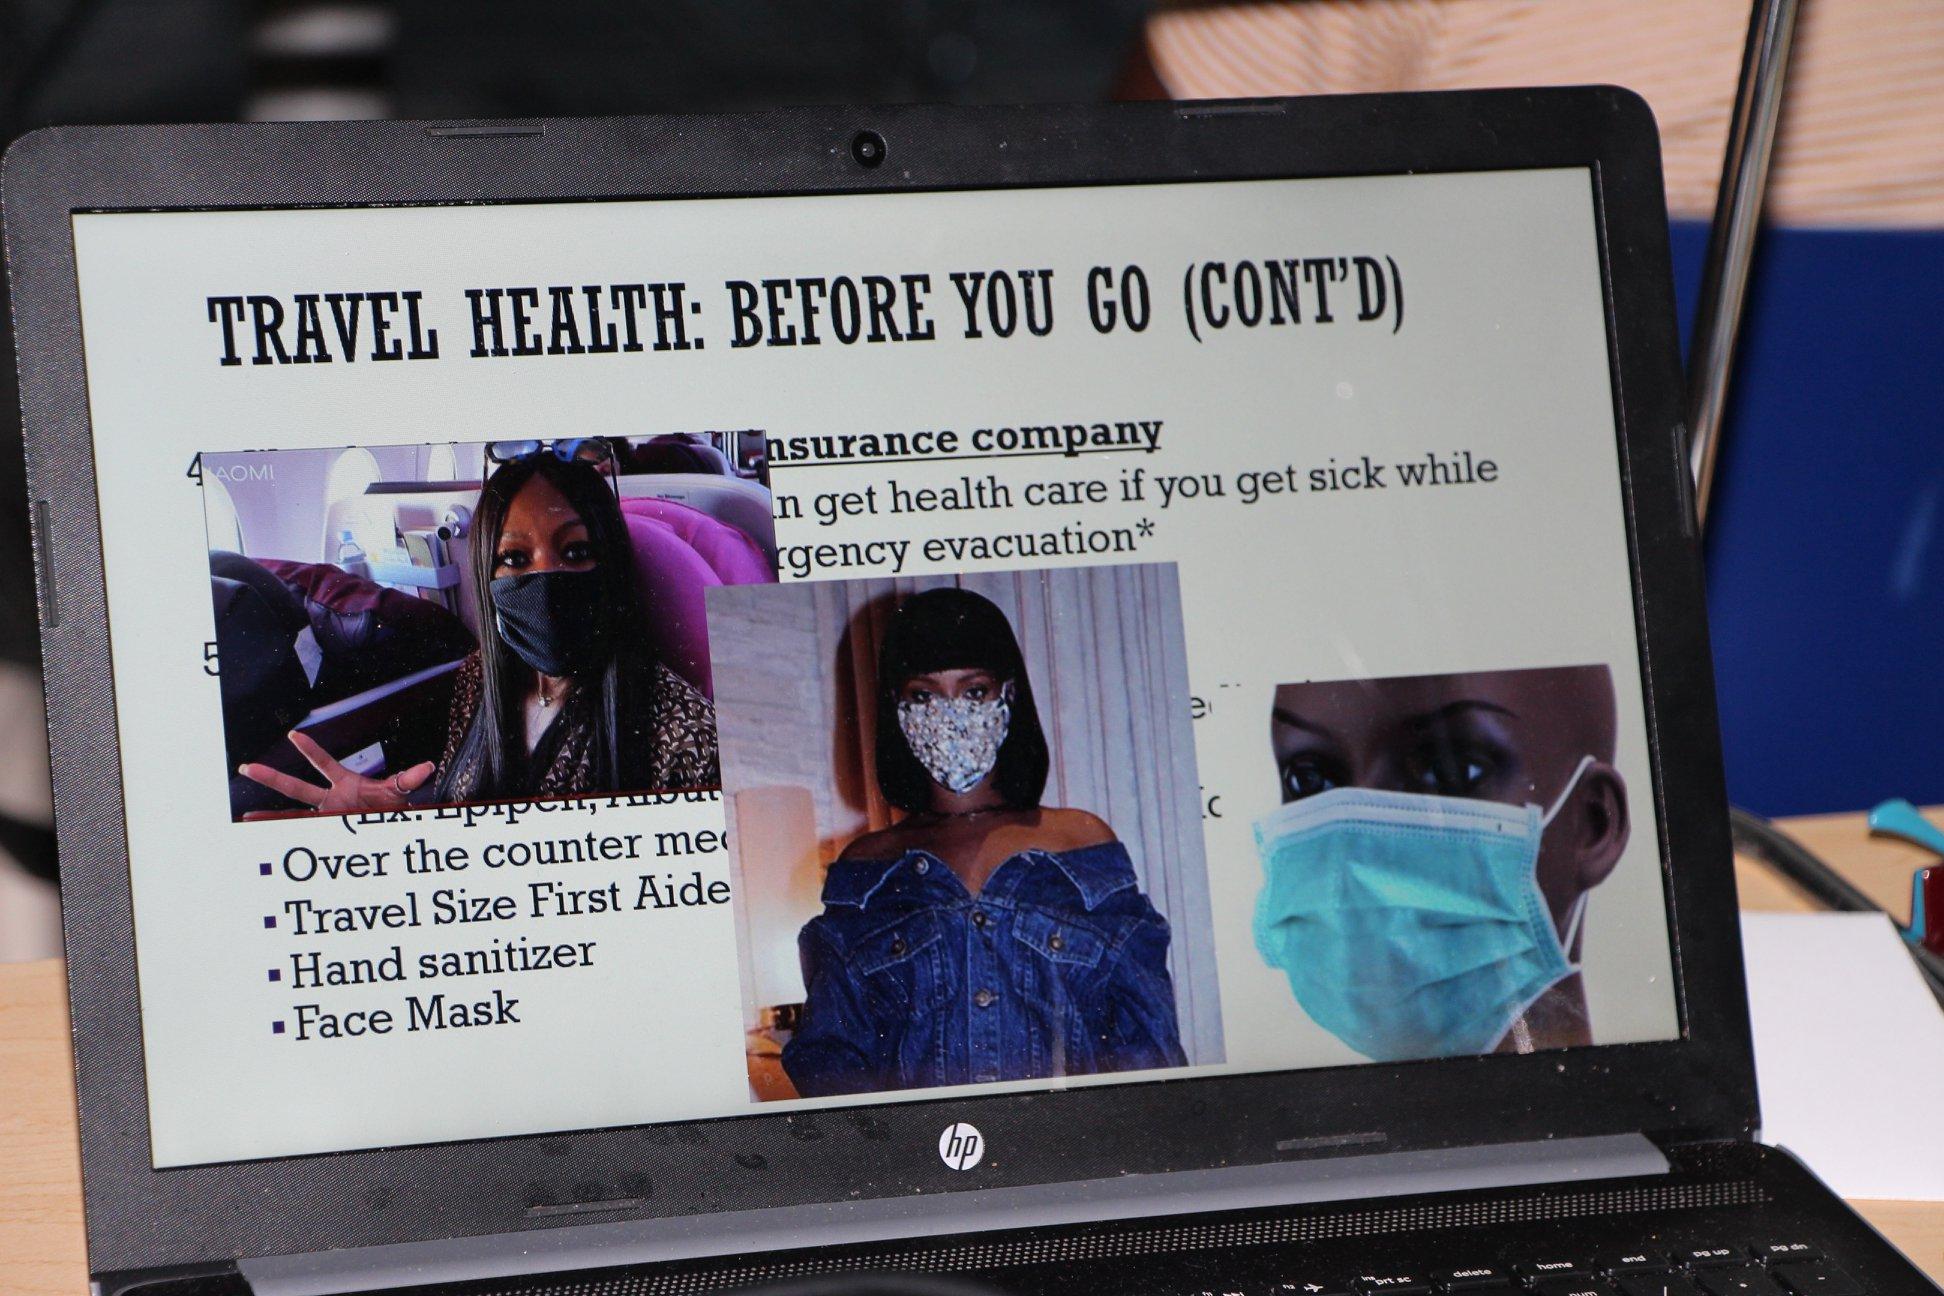 Global Travel Health